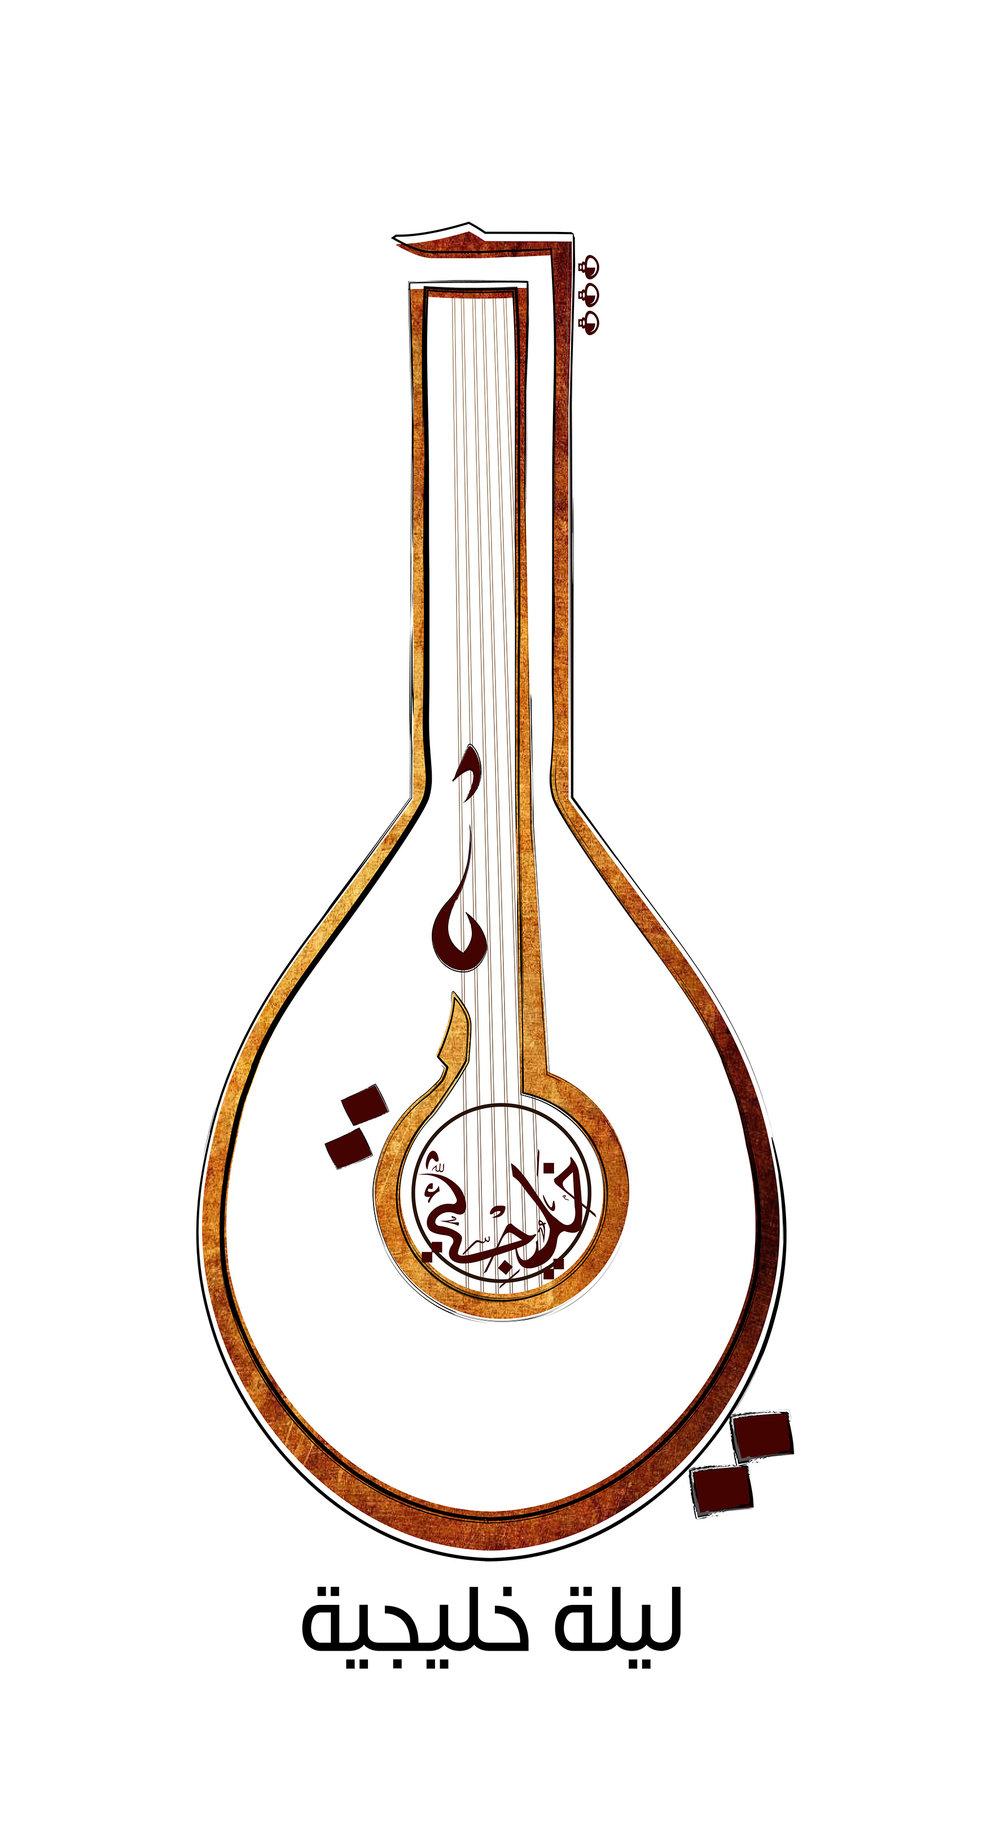 Layali khalijyah-2-07.jpg